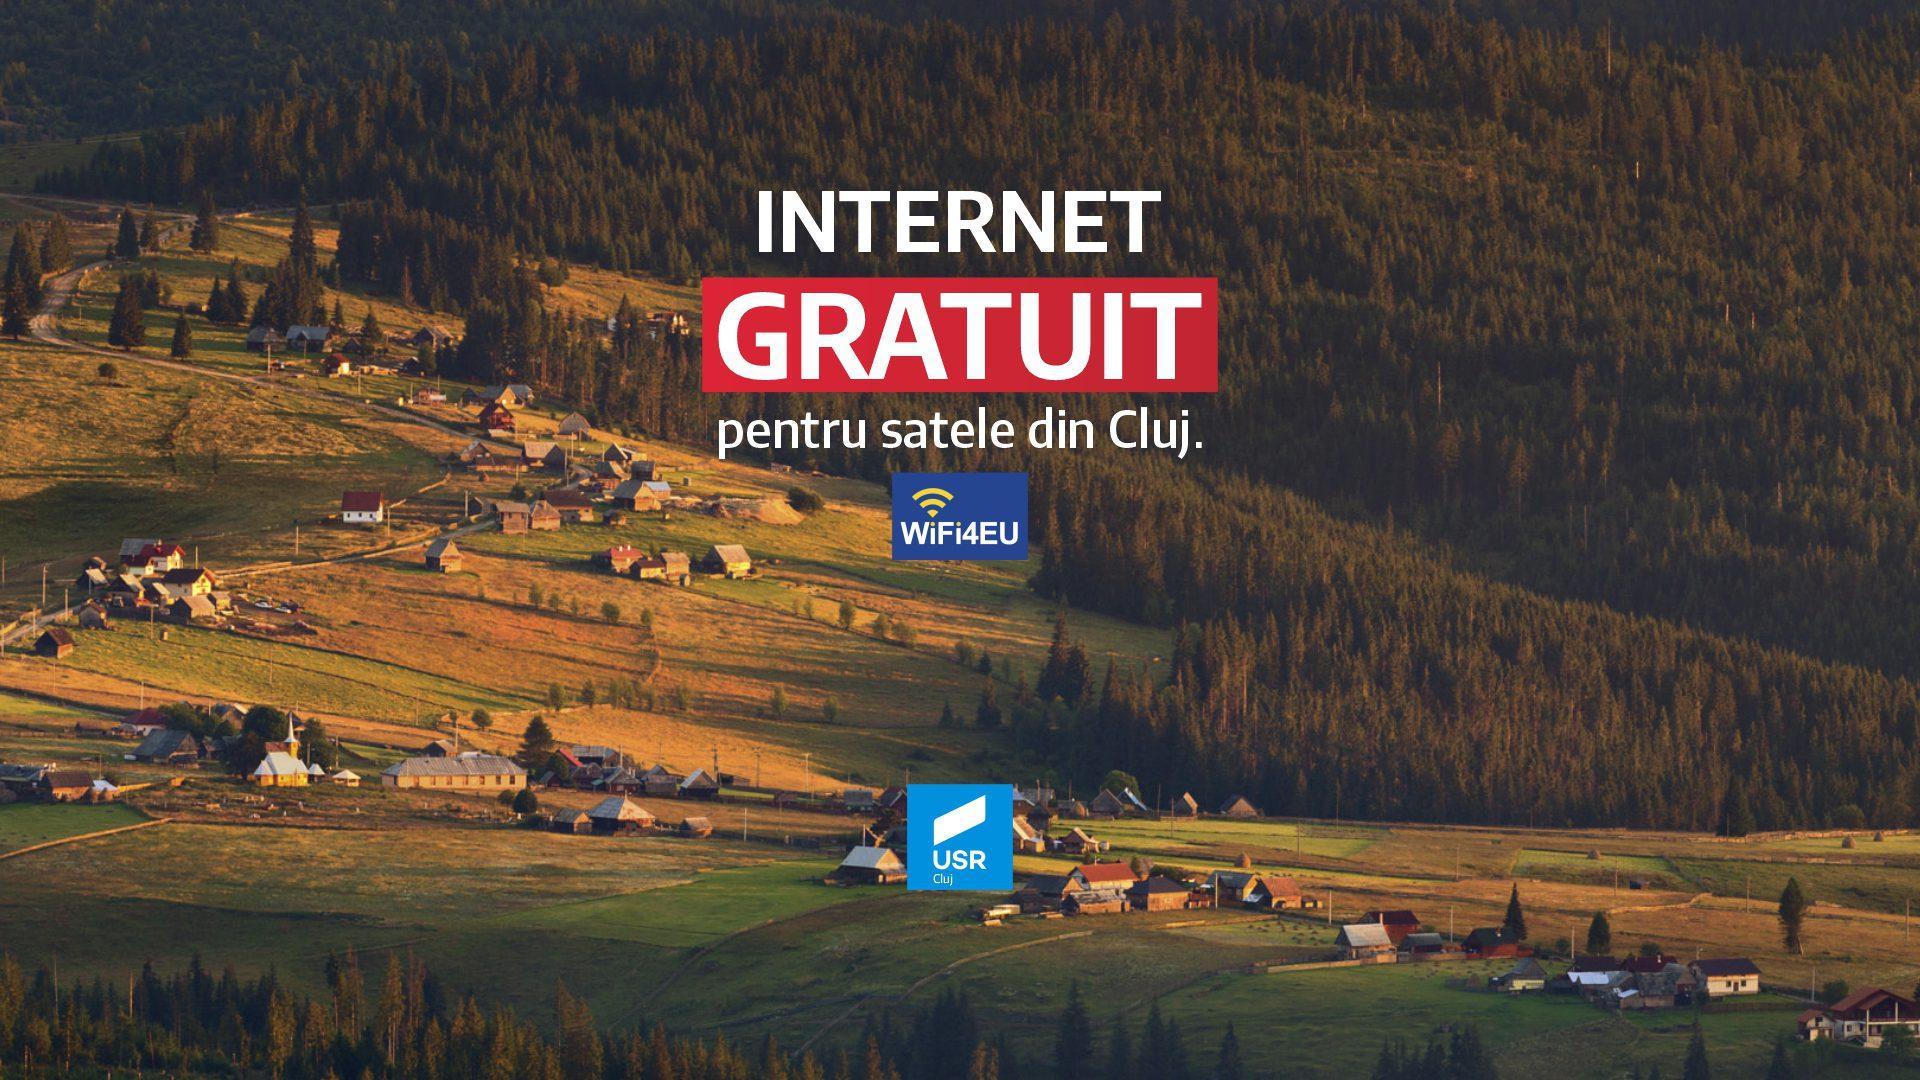 WiFi4EU – Internet gratuit pentru localitățile din România!